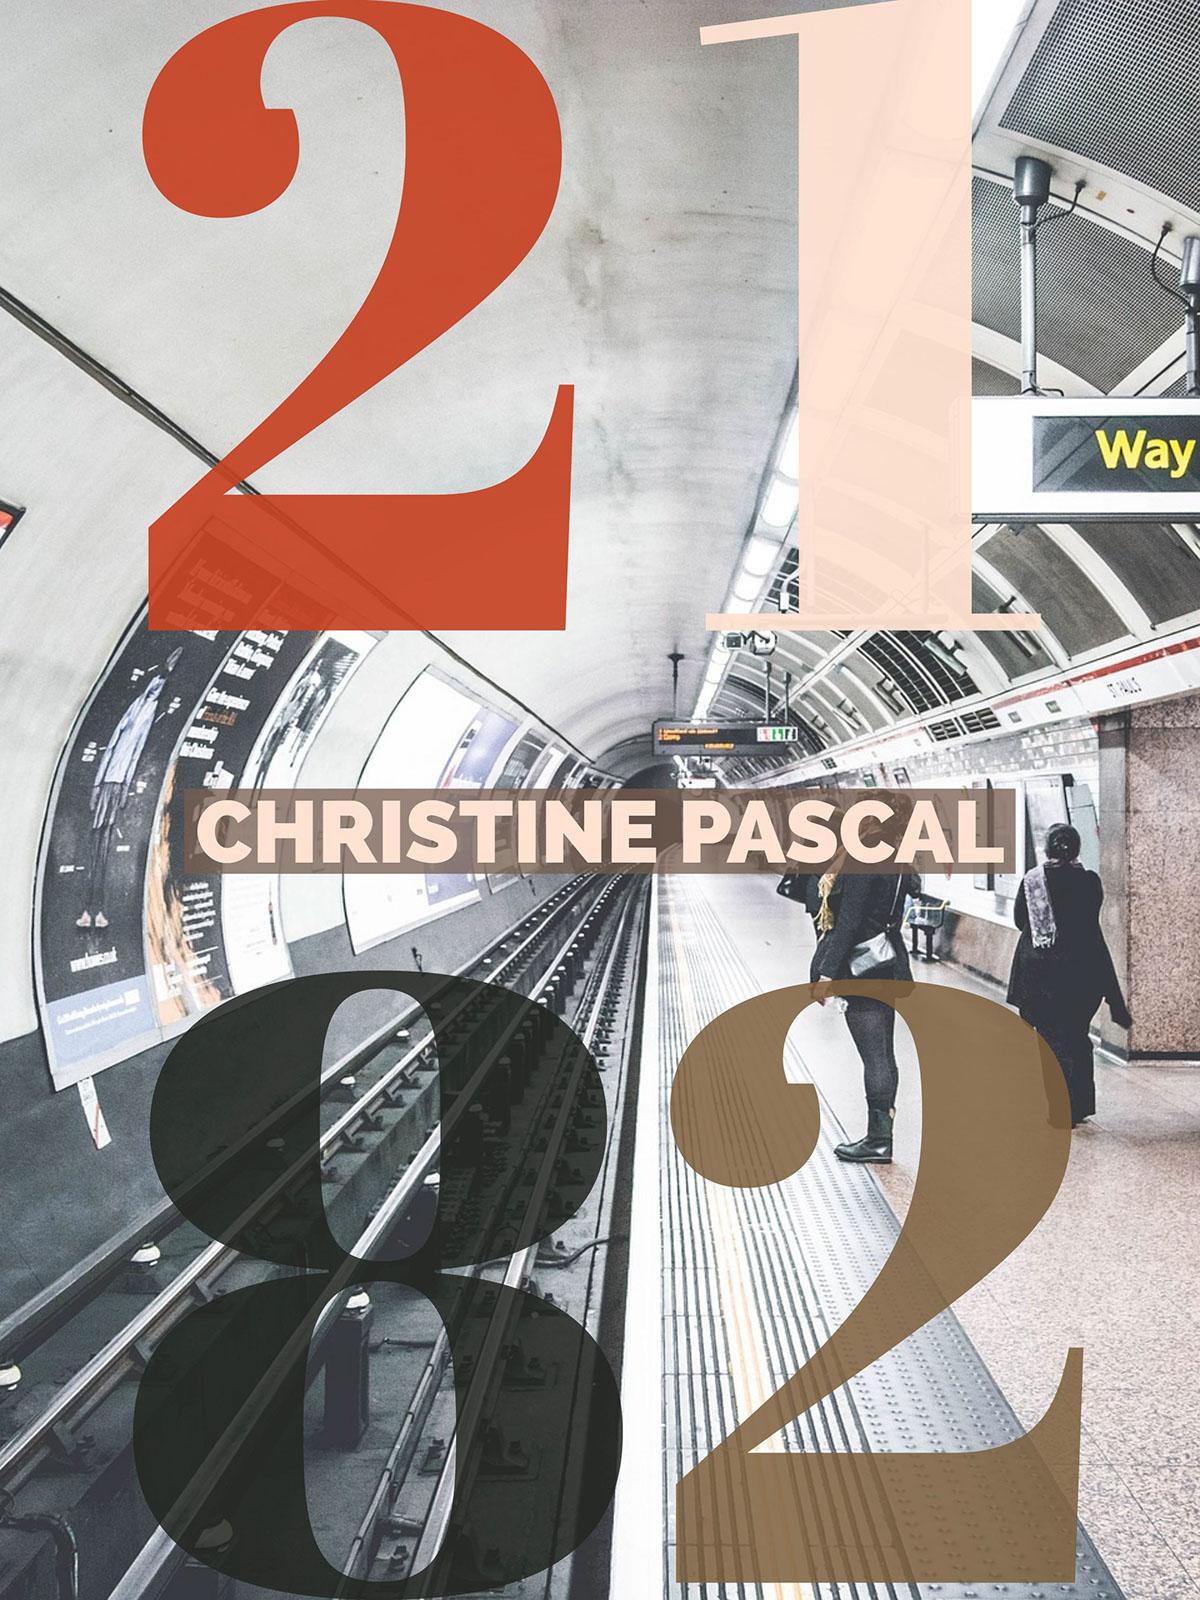 8 8 2 2 1 Christine Pascal